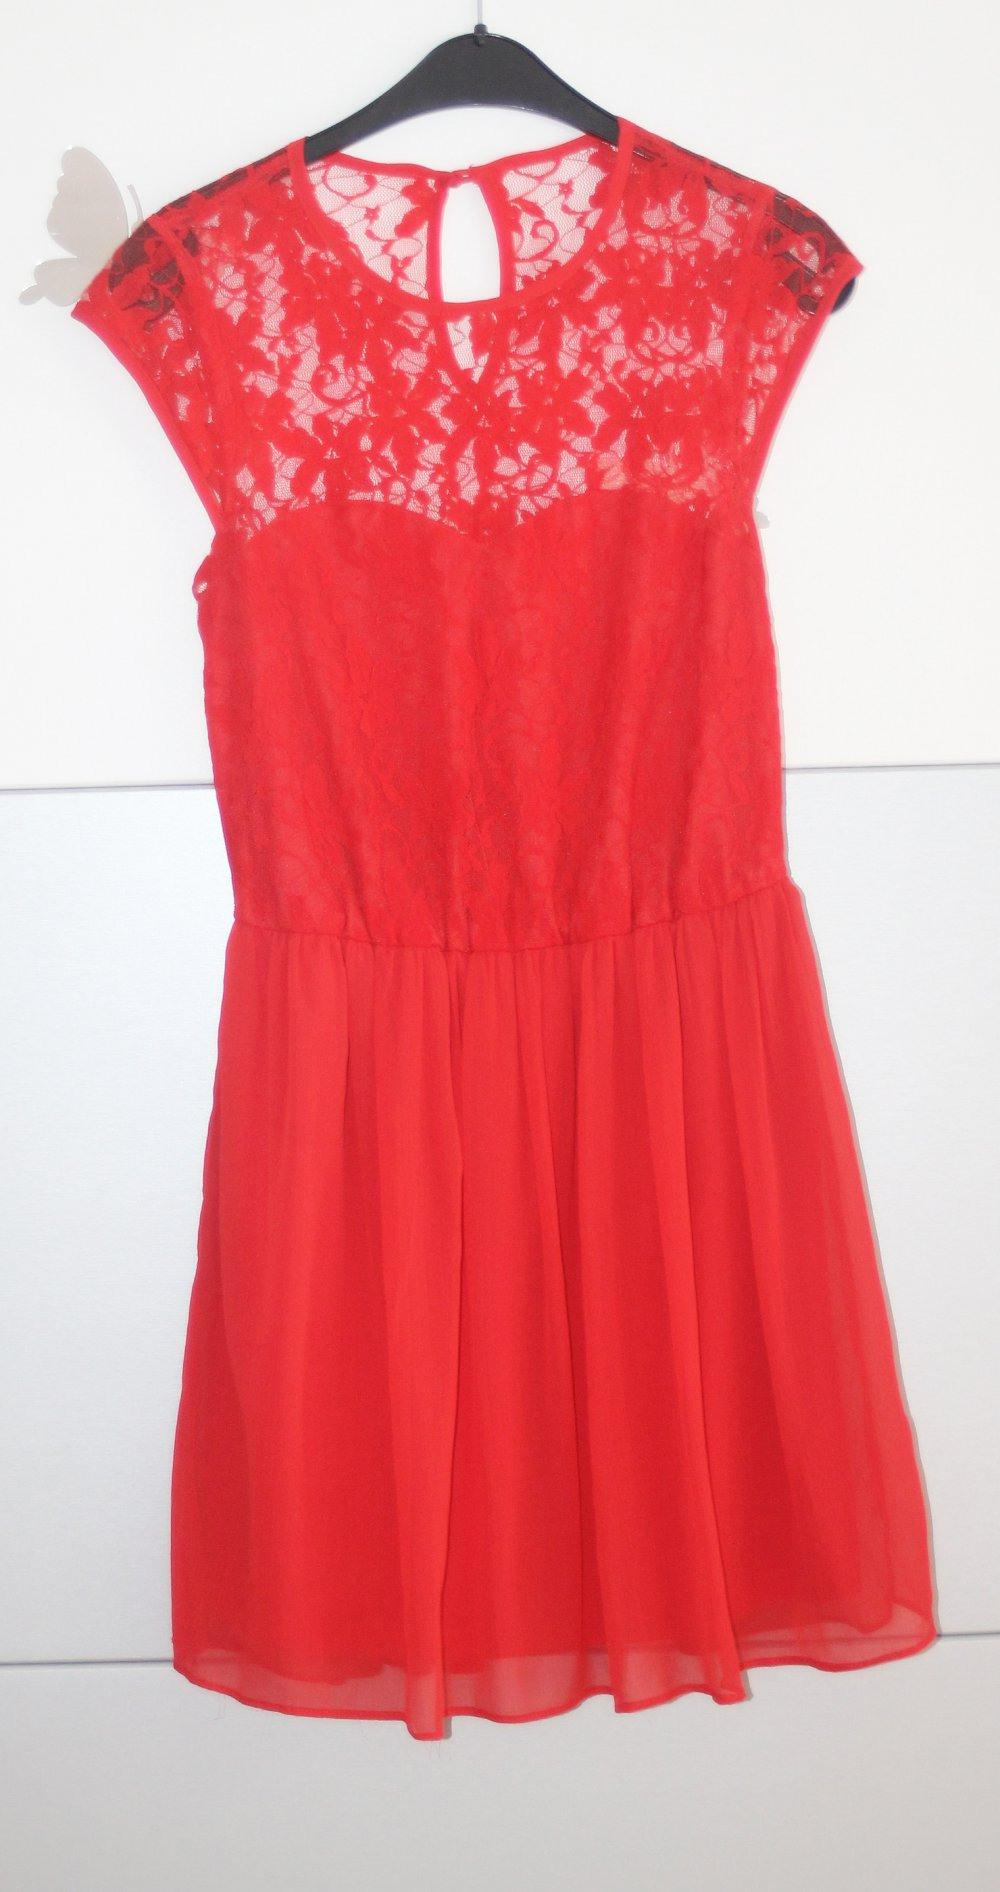 Designer Einzigartig Rotes Kleid Mit Spitze Galerie Spektakulär Rotes Kleid Mit Spitze Spezialgebiet